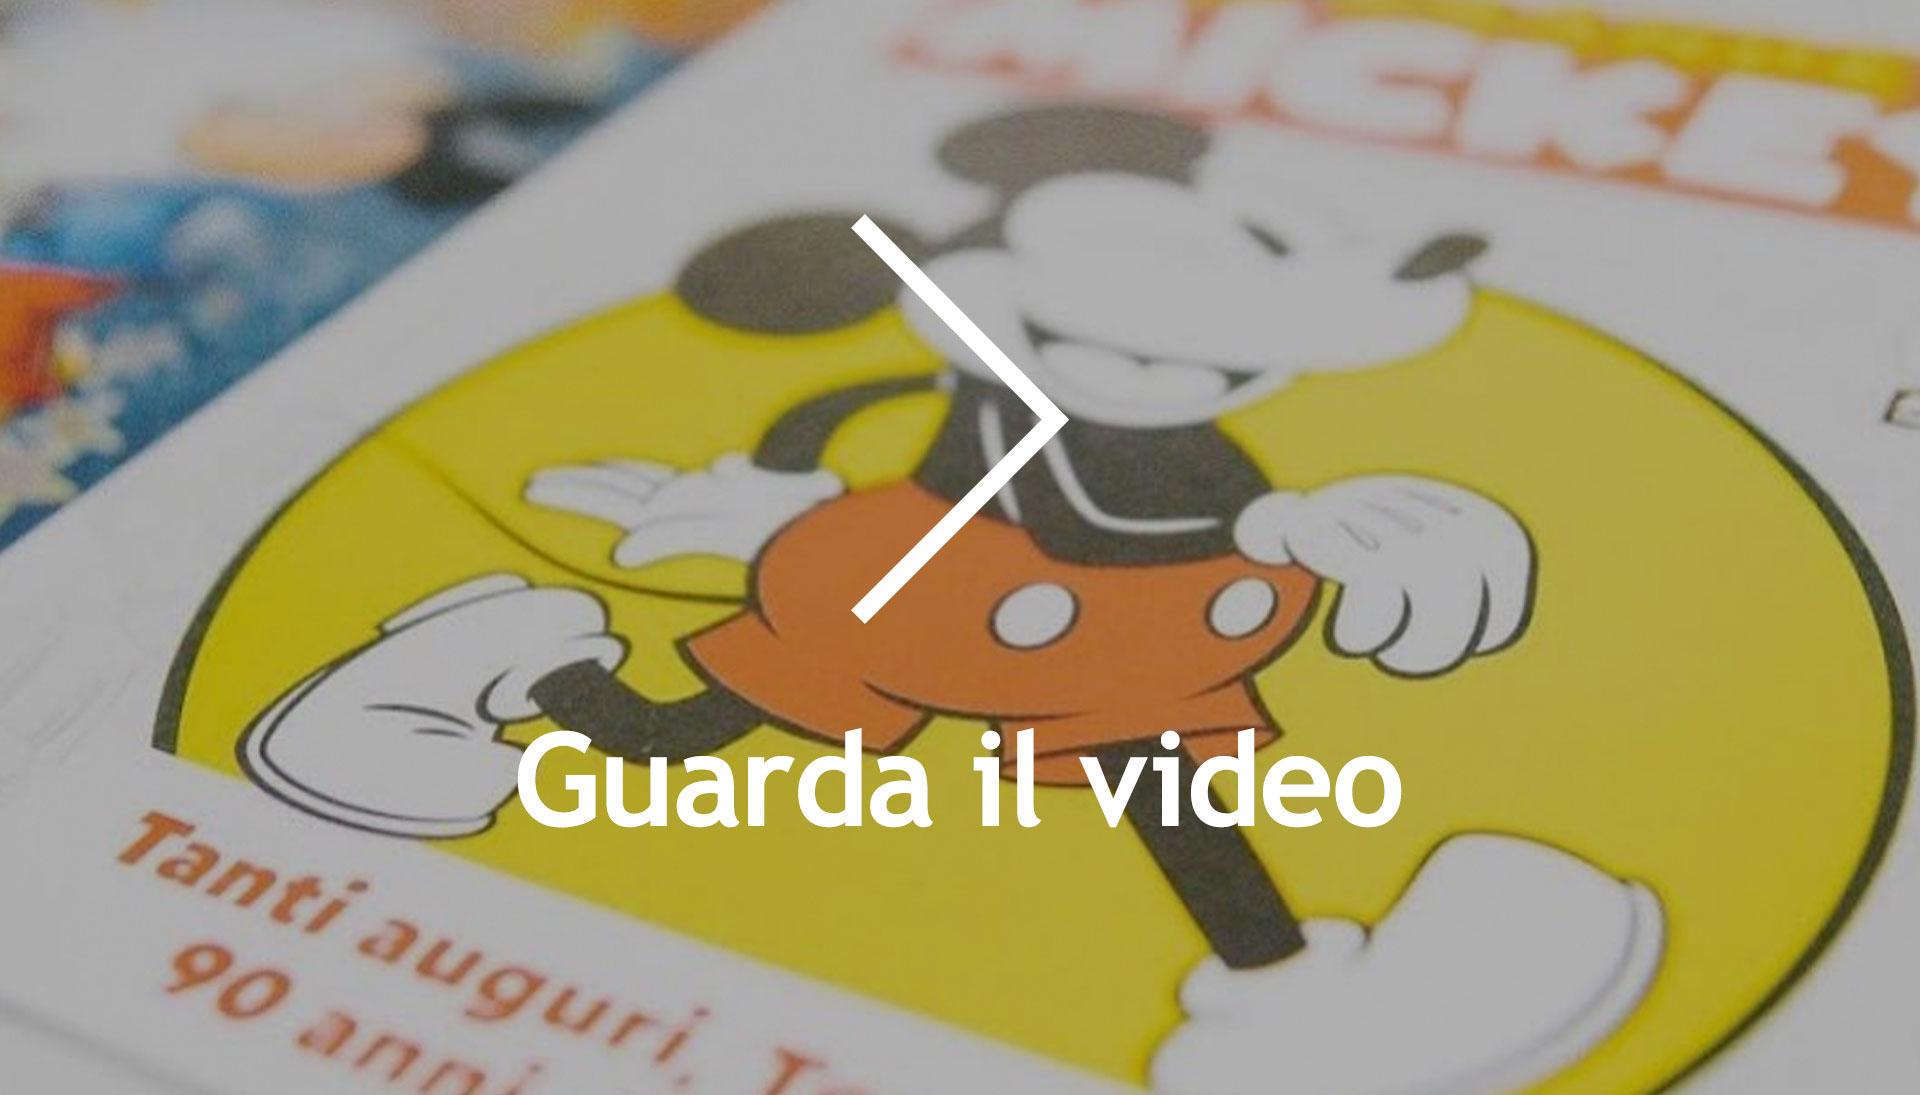 About Agency - 90 anni di Topolino/ guarda il video - Panini comics